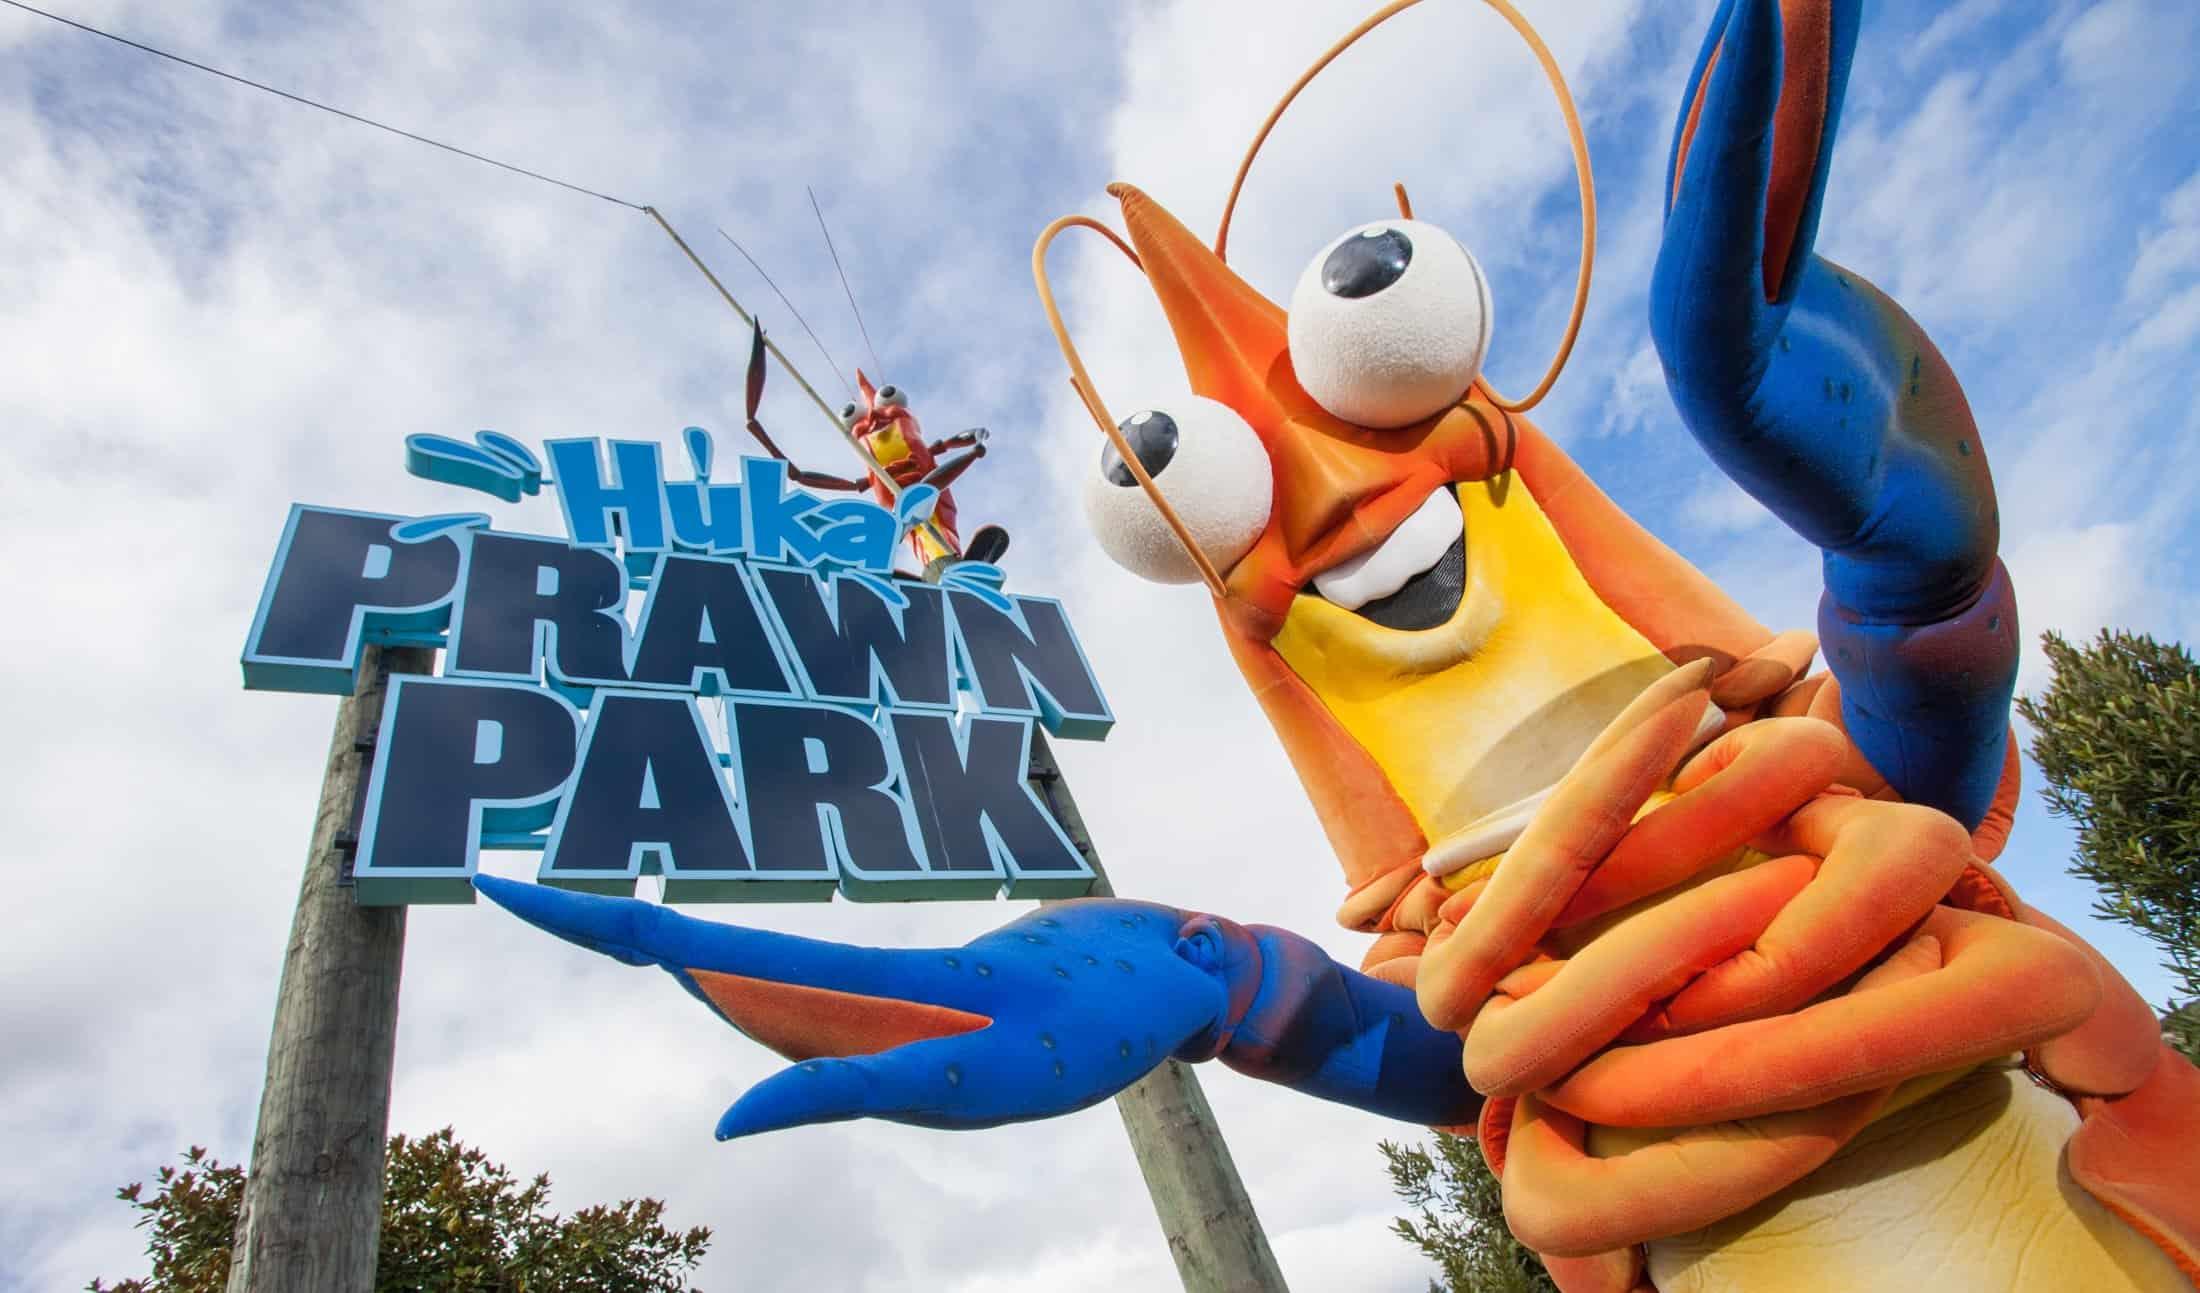 Huka Prawn Park